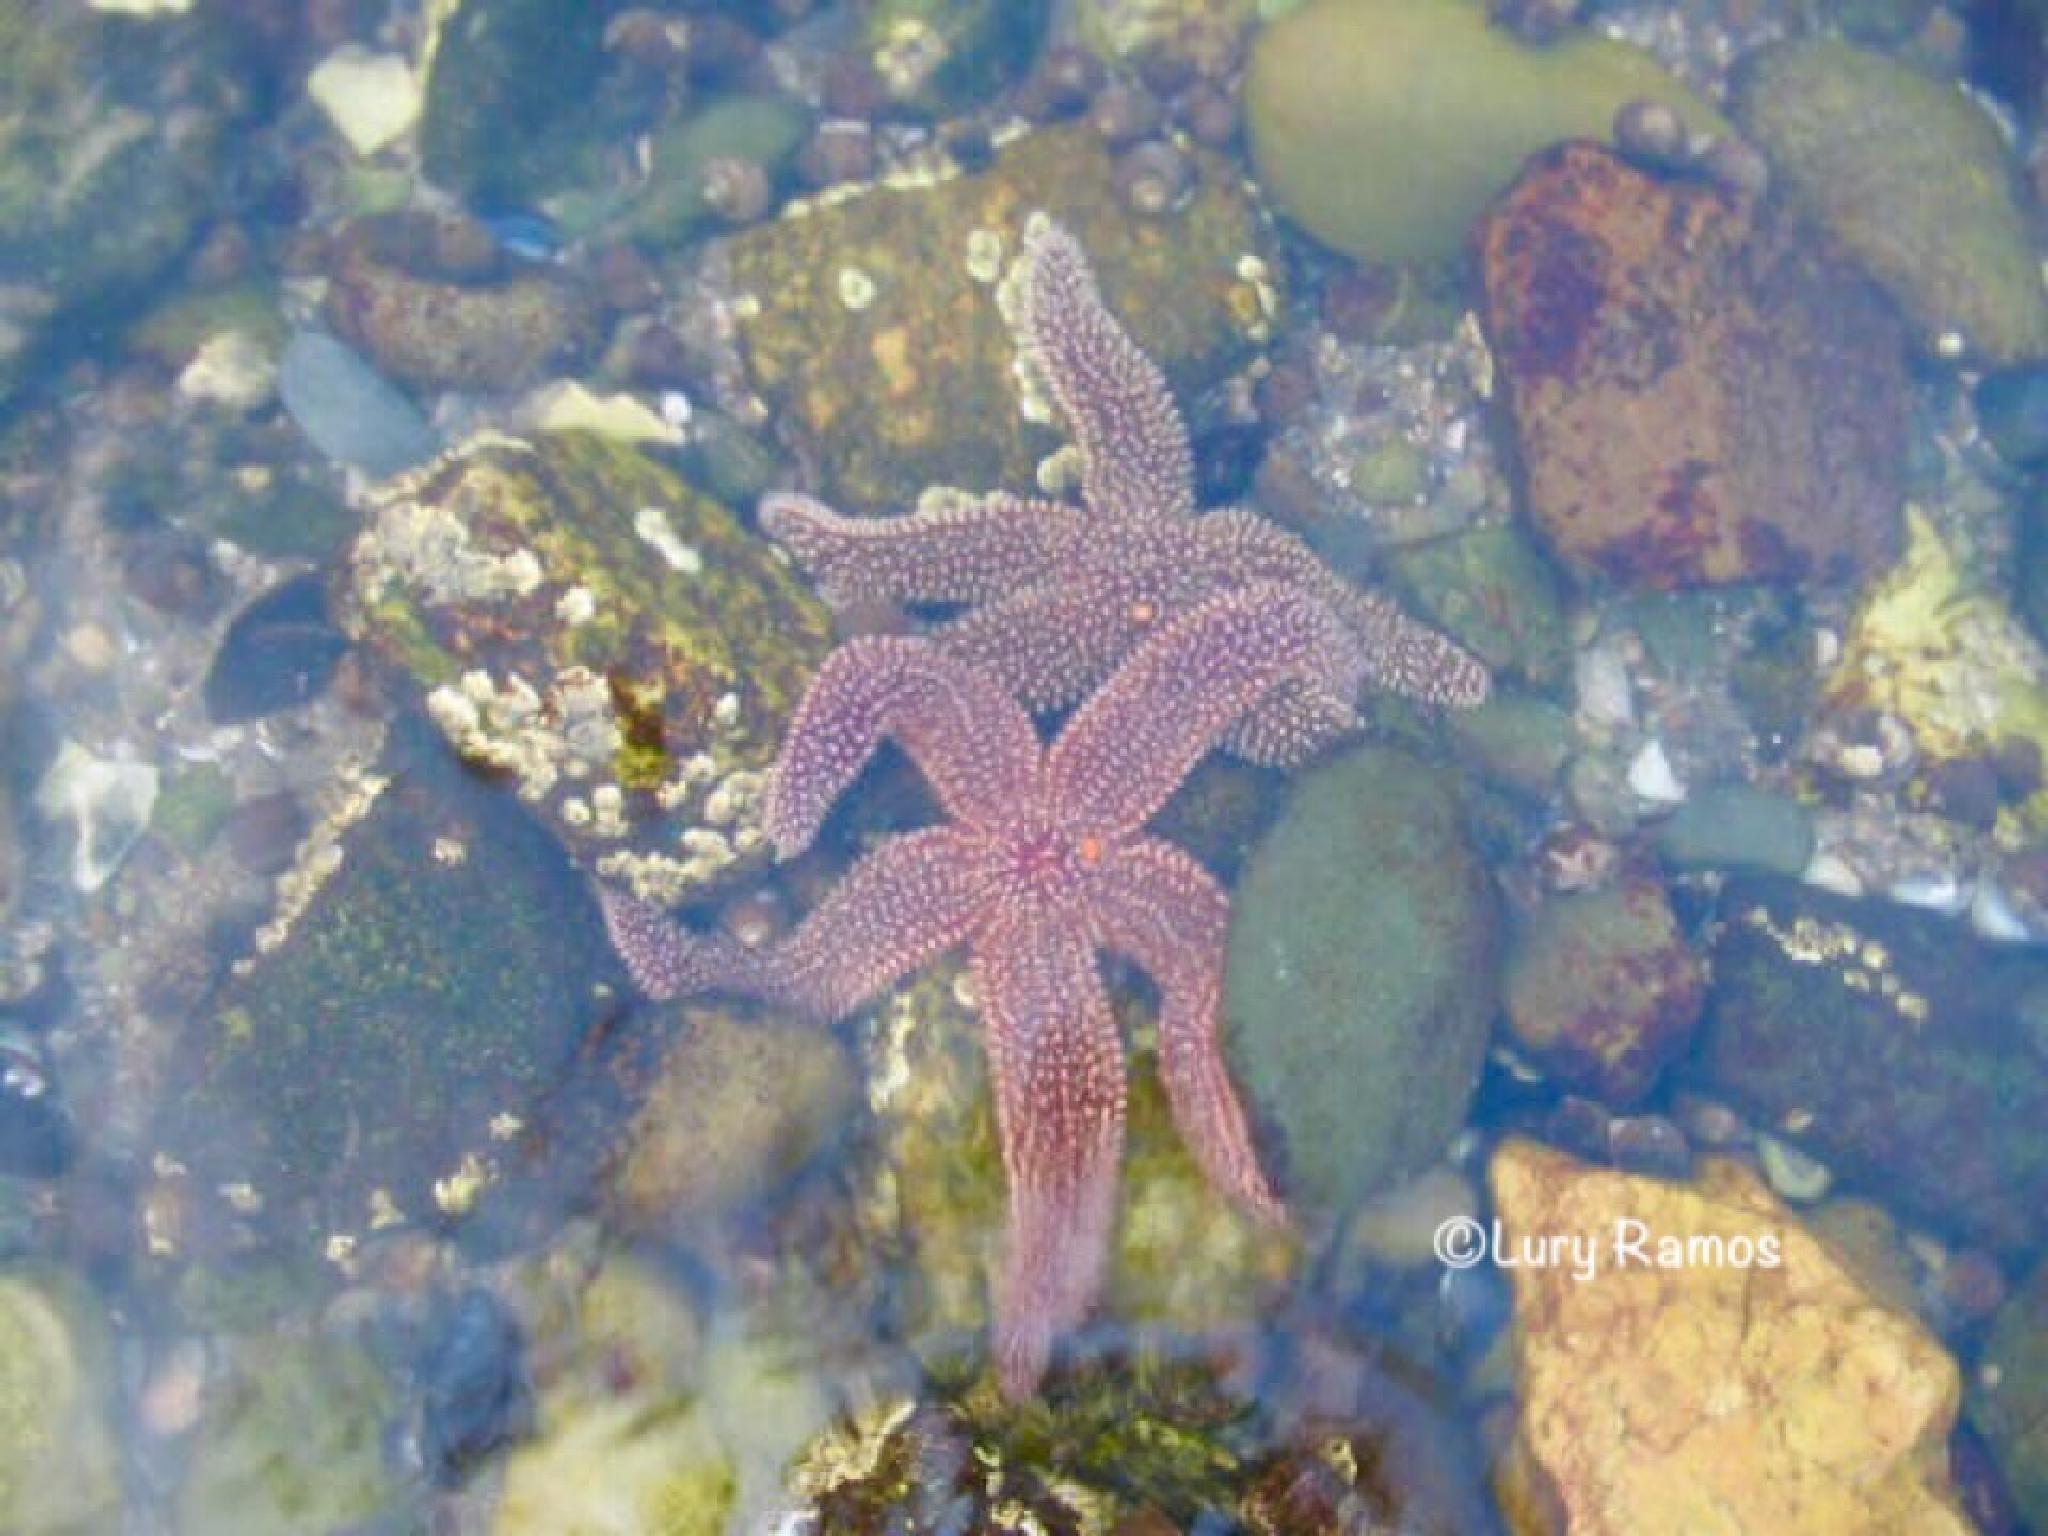 Underwater Starfish by Lury Ramos